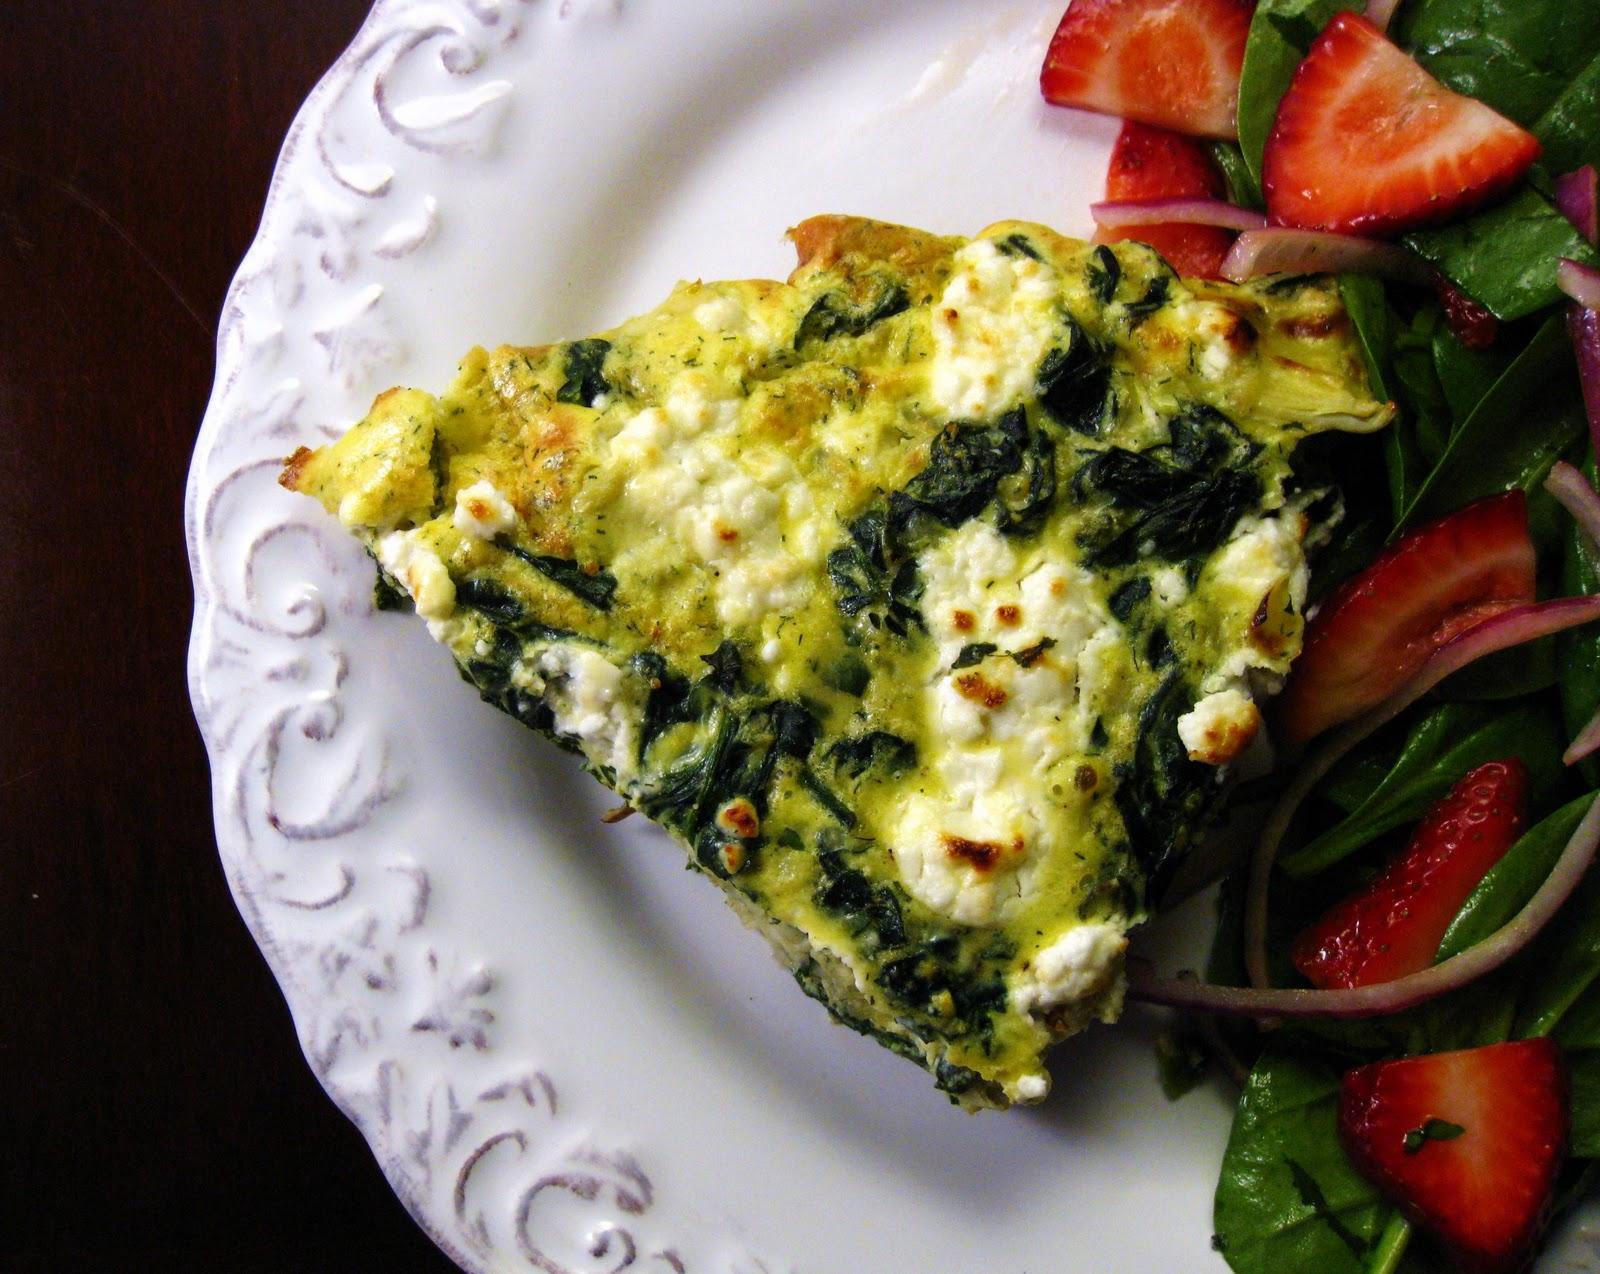 Artichoke And Spinach Frittata Recipes — Dishmaps